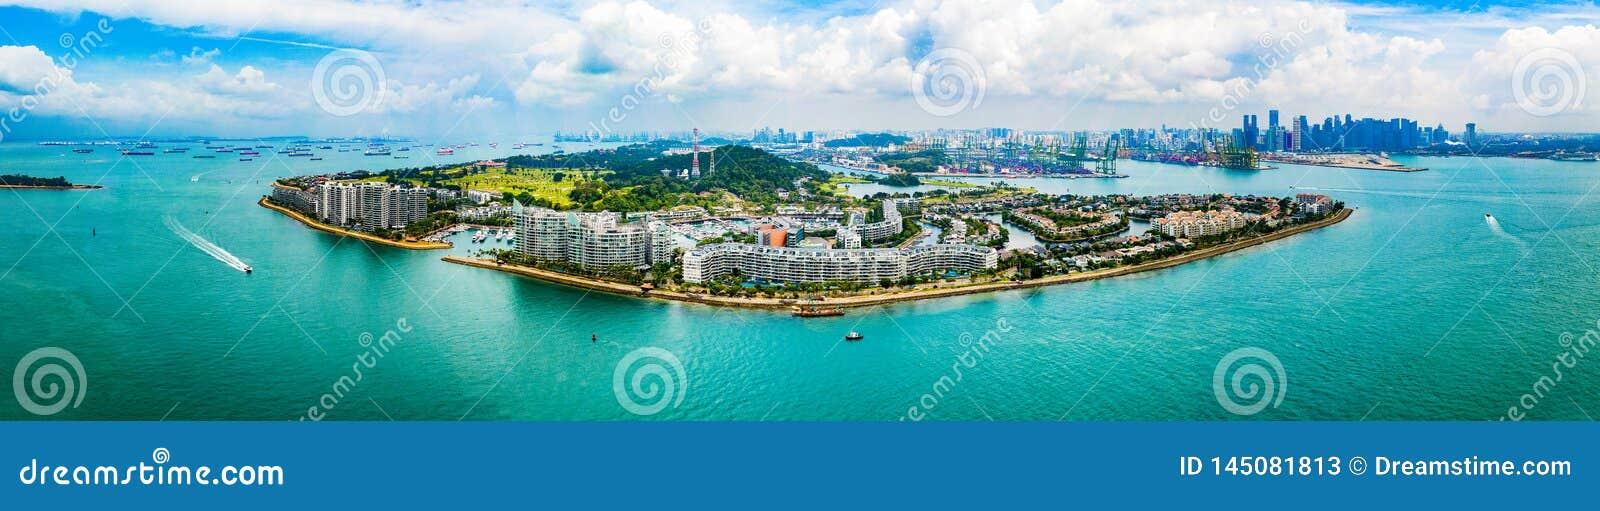 Sentosa wyspa Singapur - figlarność